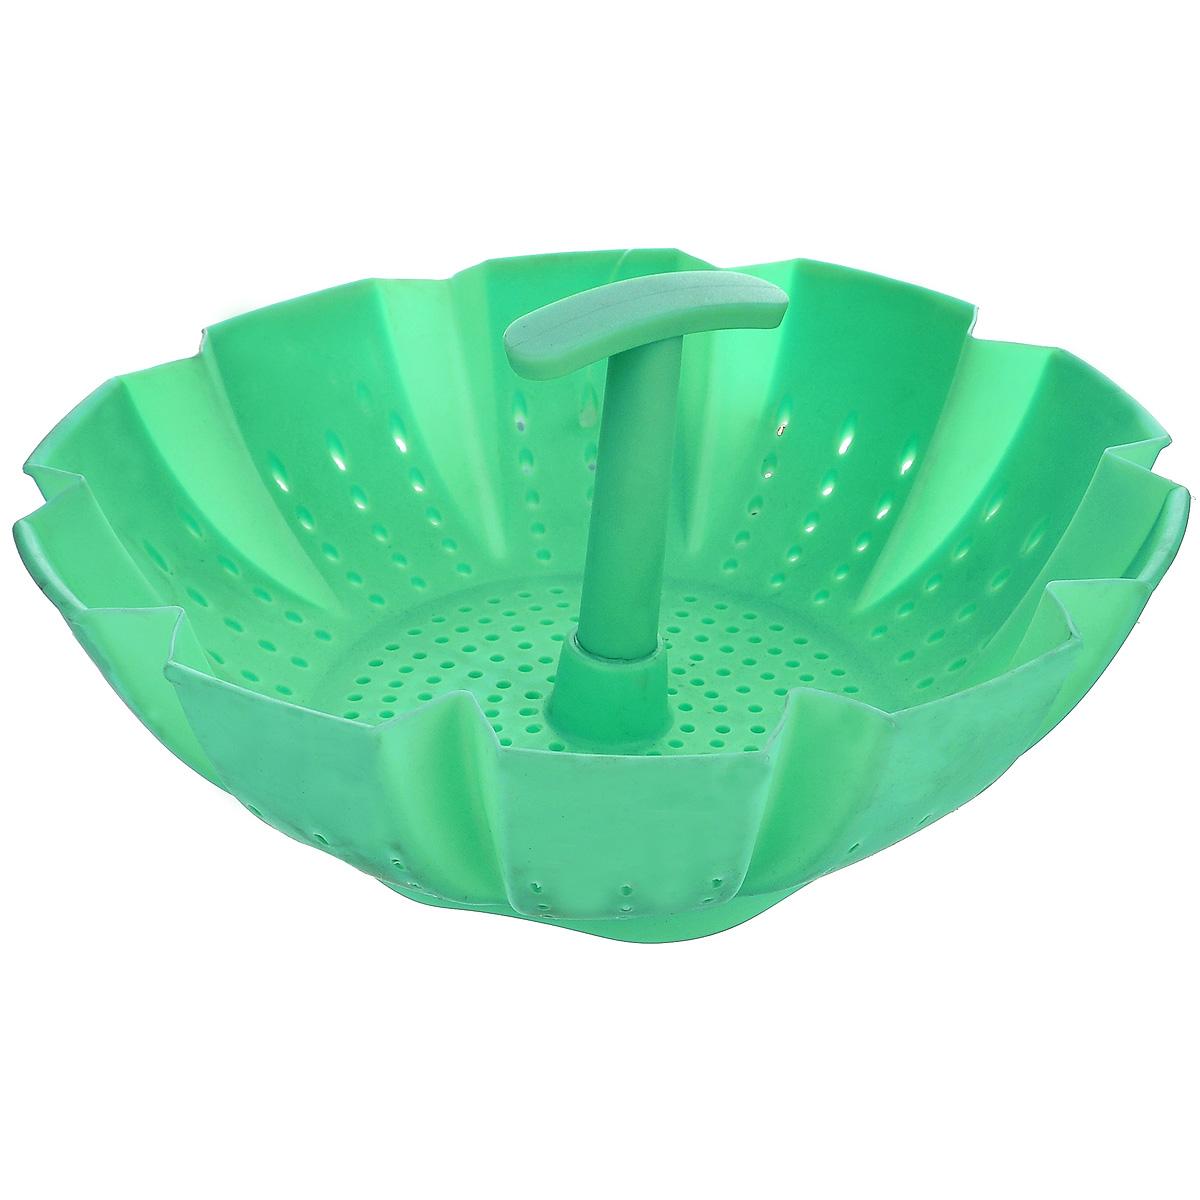 Пароварка Mayer & Boch, цвет: зеленый, 900 мл21984Пароварка Mayer & Boch выполнена из высококачественного силикона и предназначена для готовки на пару и разогрева. Изделие можно безбоязненно помещать в морозильную камеру, холодильник, микроволновую печь, посудомоечную машину и духовой шкаф. Благодаря материалу пароварка не ржавеет, на ней не образуются пятна.Диаметр по верхнему краю: 22 см.Высота: 10 см.